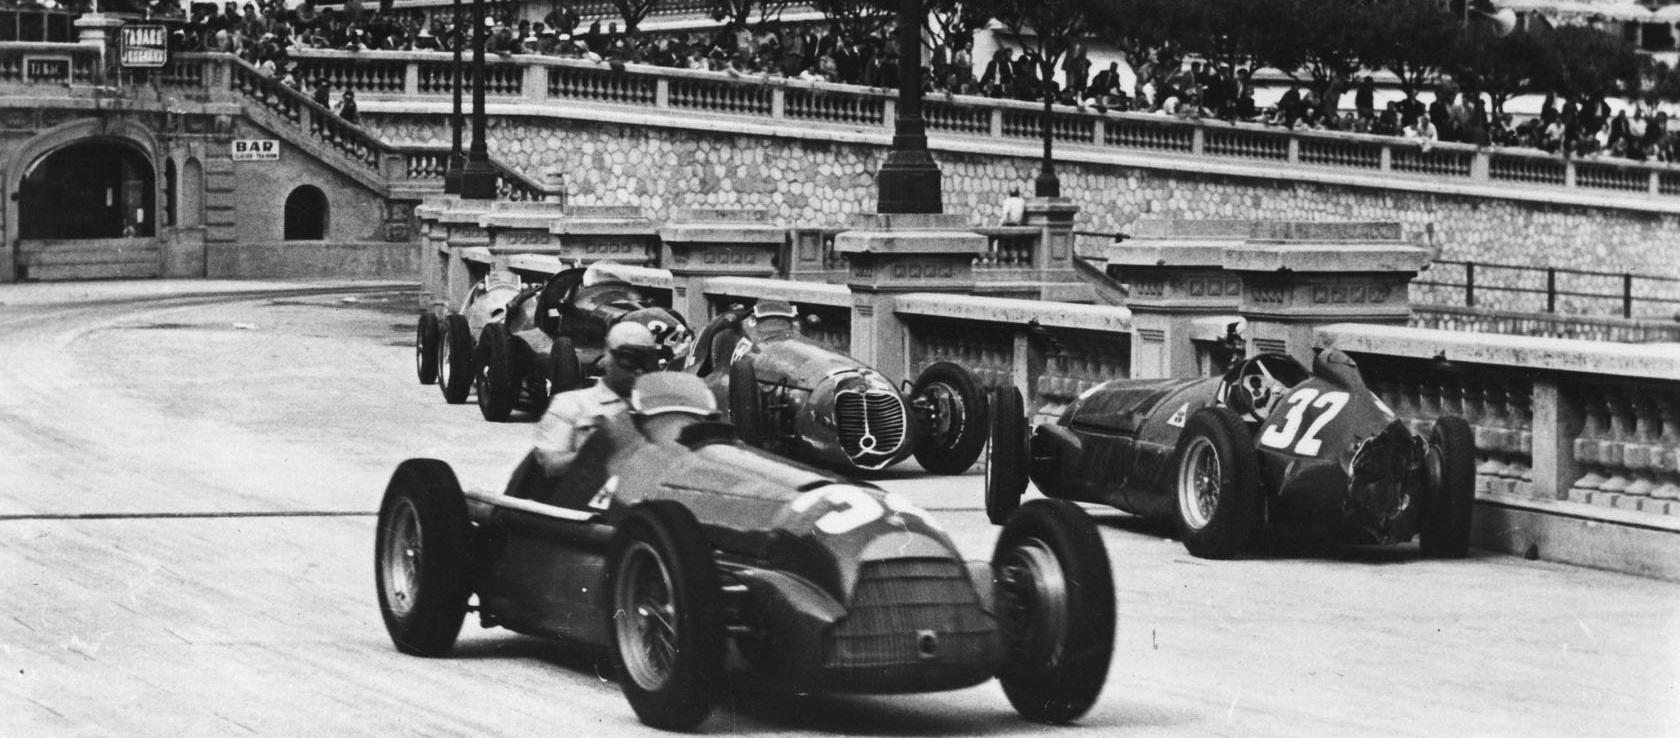 Гран-при Монако, Формула-1, Феррари, Энцо Феррари, Конкурс, Альфа Ромео, Хуан-Мануэль Фанхио, Нино Фарина